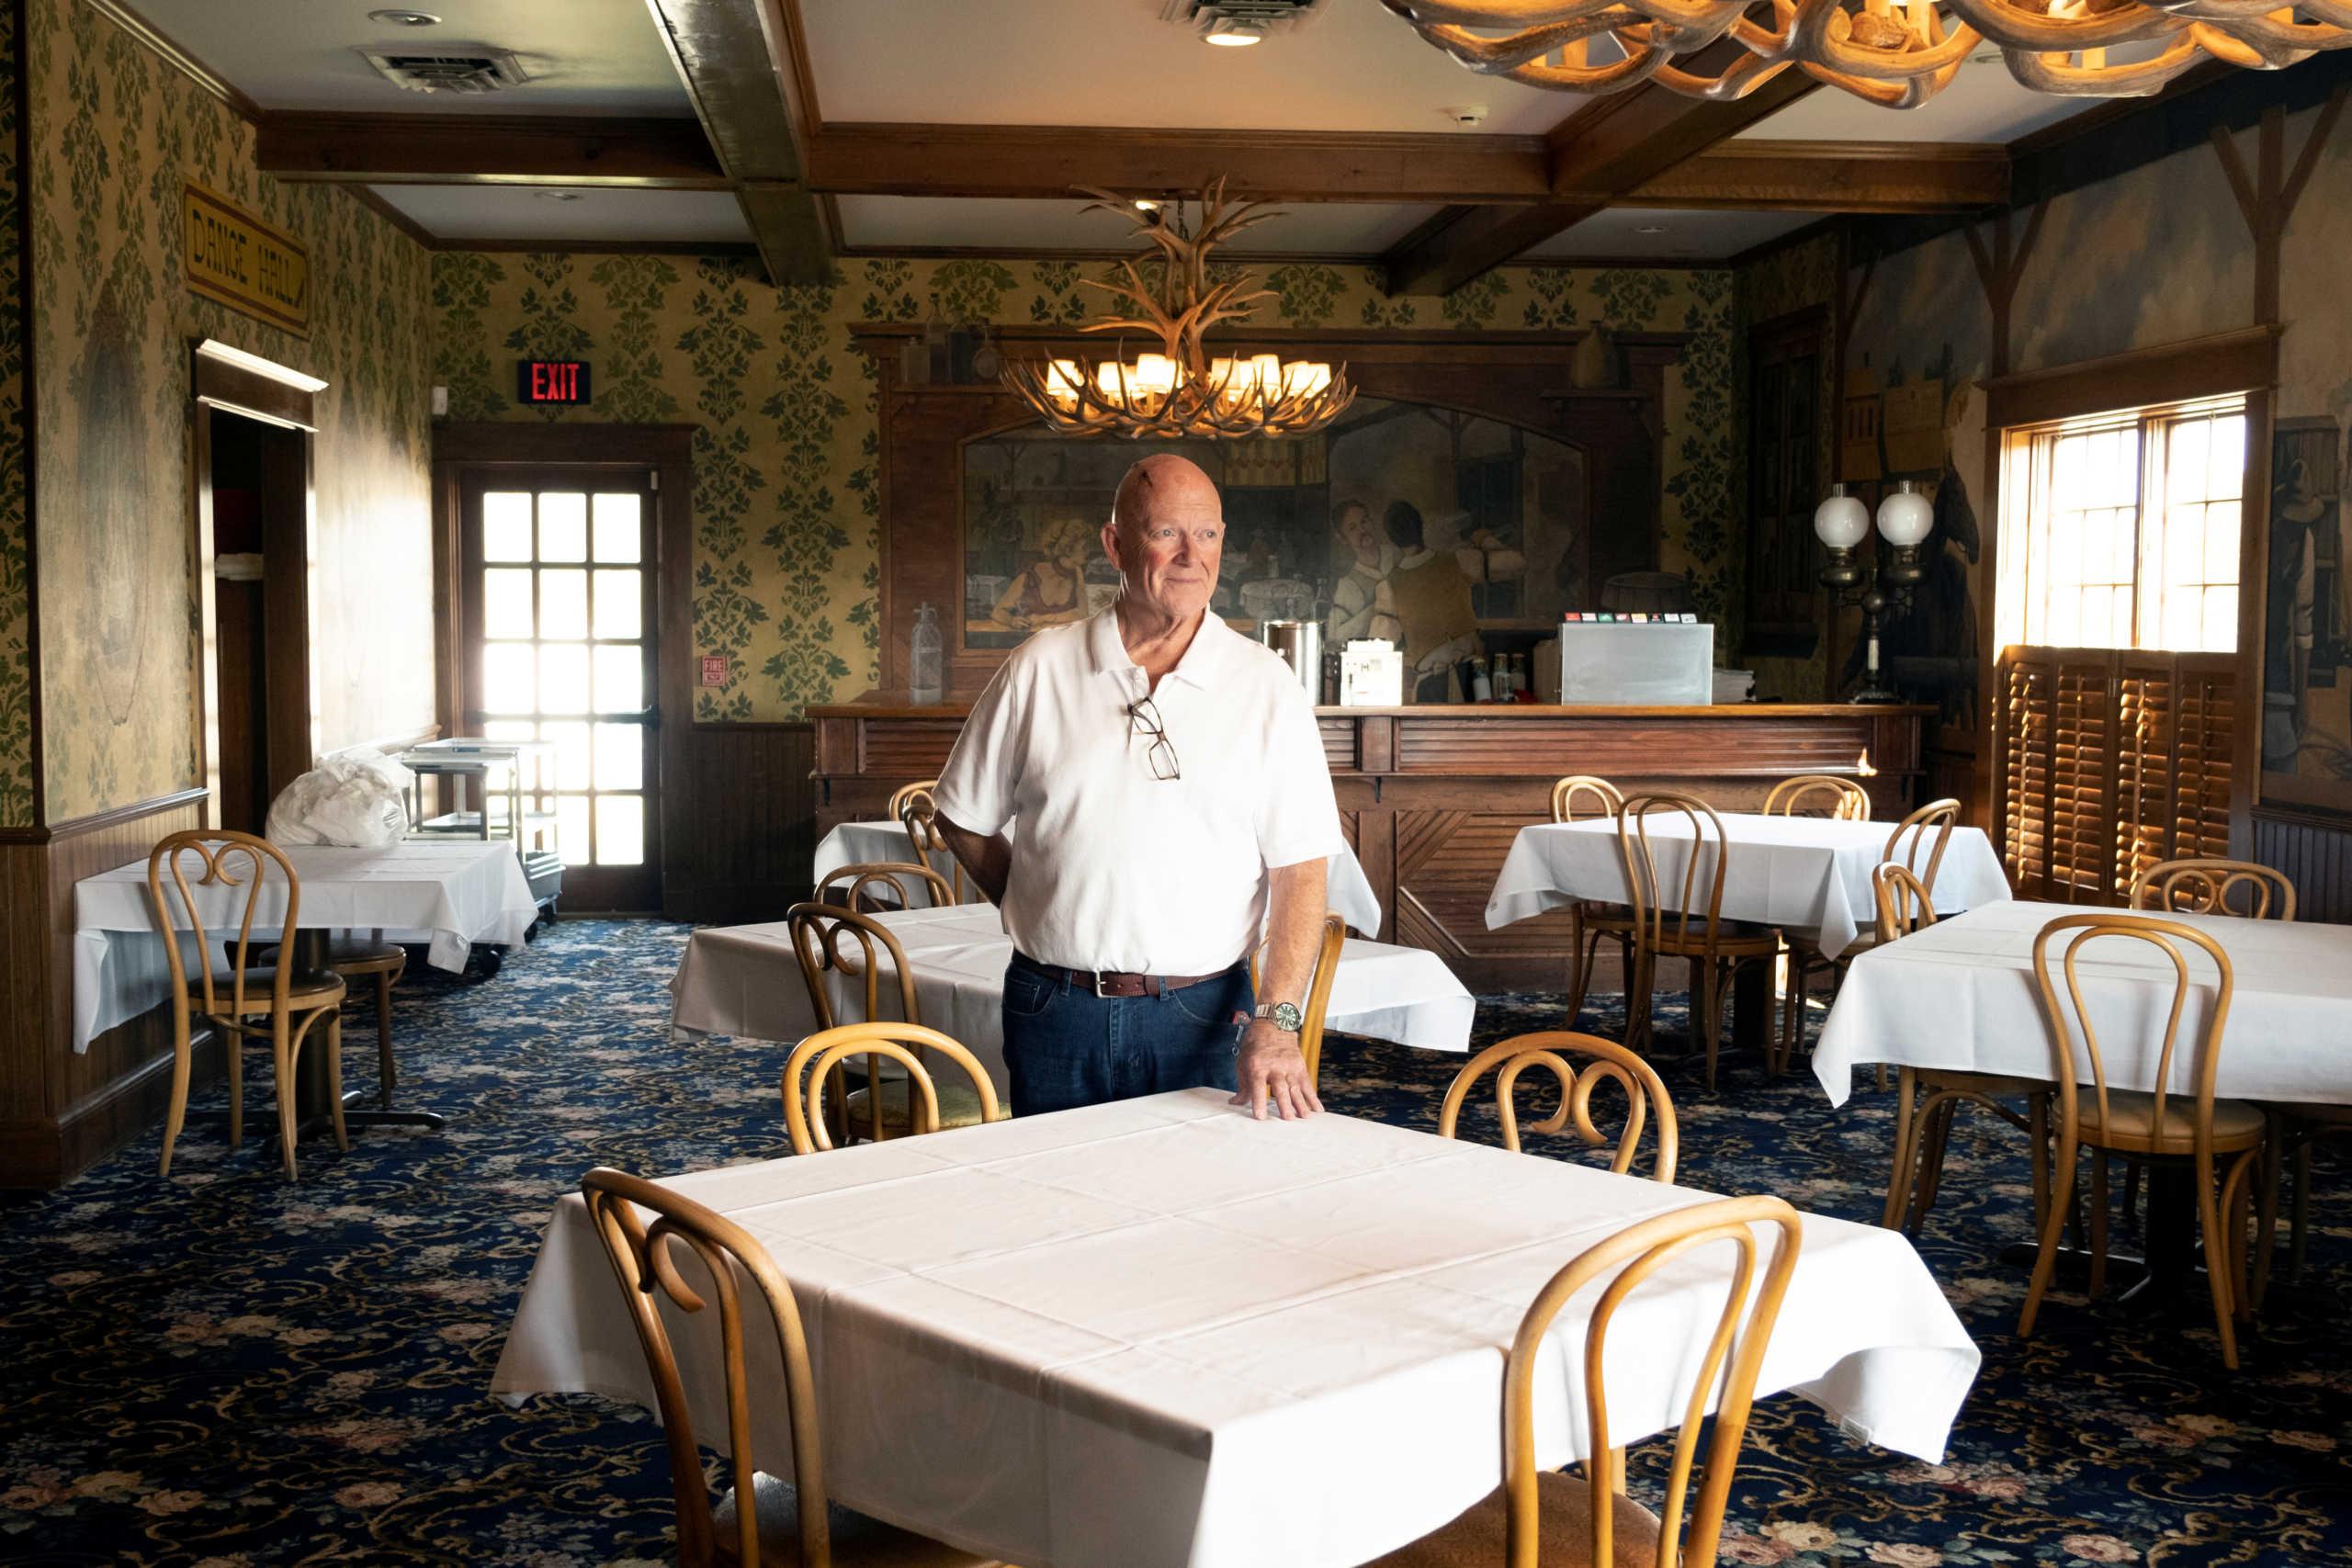 Εστιατόριο 100 ετών γλίτωσε κρίσεις και πολέμους αλλά έκλεισε από τον κορονοϊό